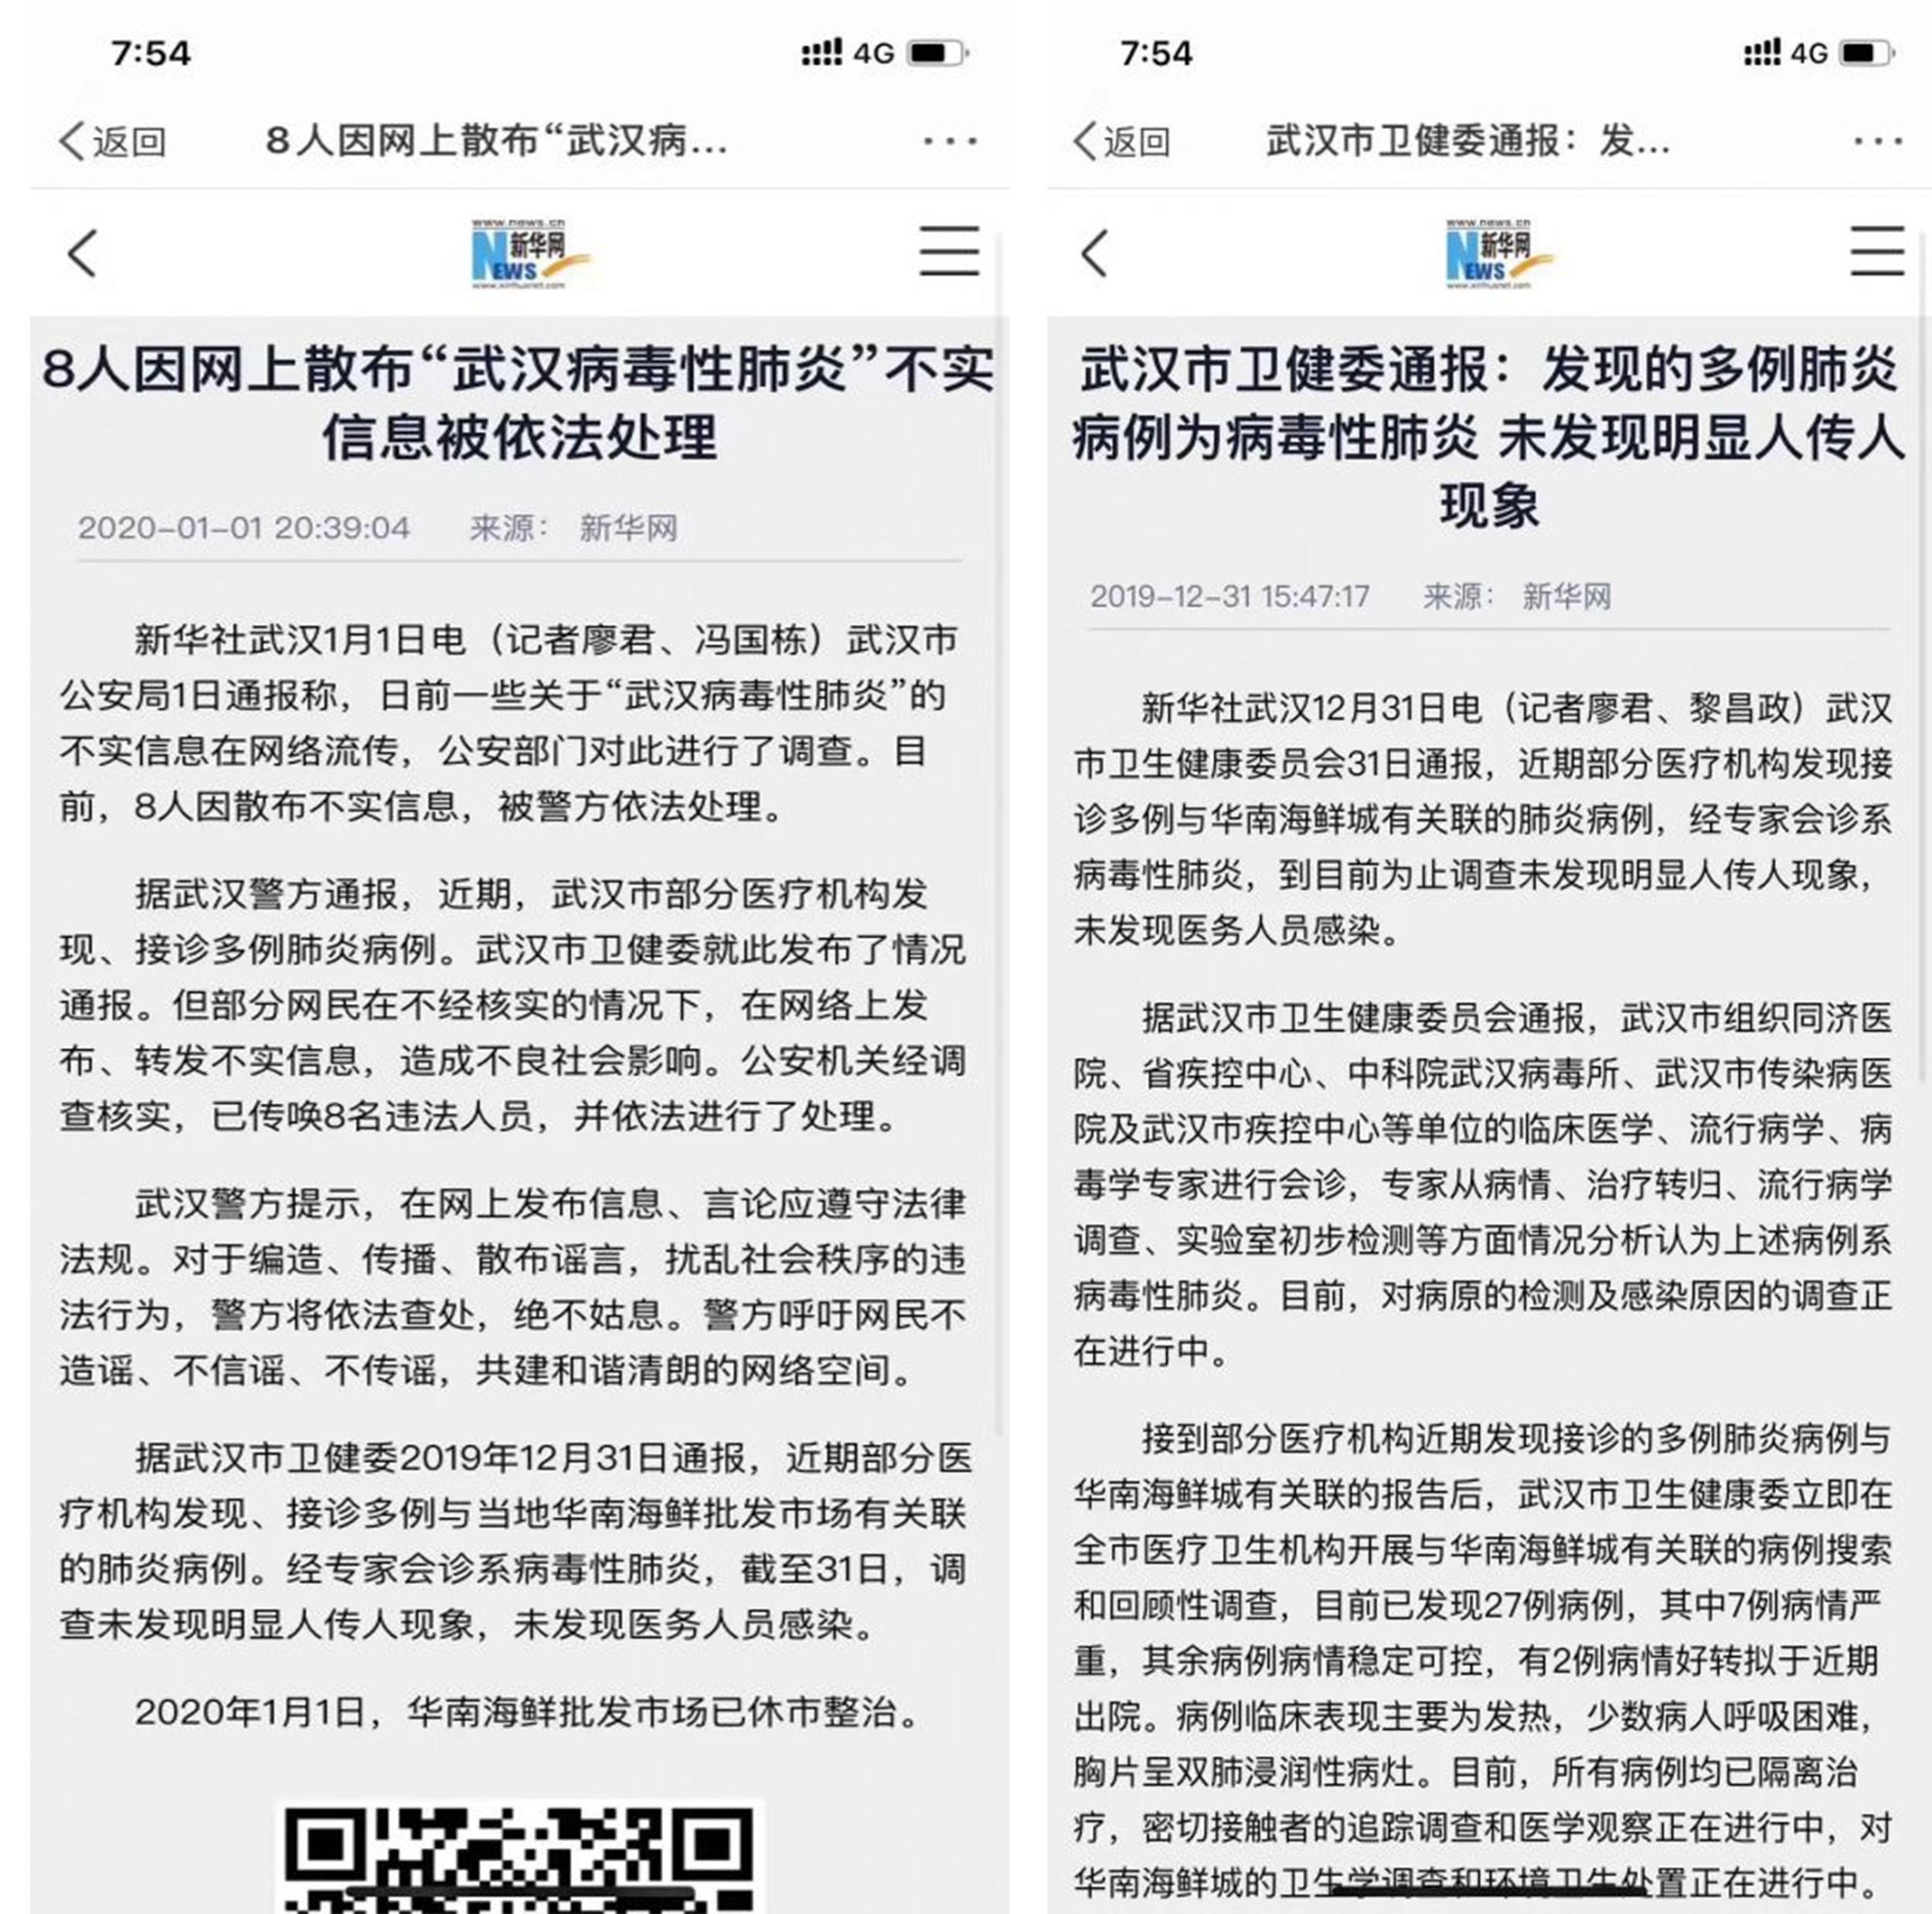 左图:元月1日,廖君报道新冠疫情八名造谣者,其中包括李文亮。右图:2019年12月31日,廖君另一篇有关武汉发现不明肺炎的报道。(网络截图/乔龙提供)